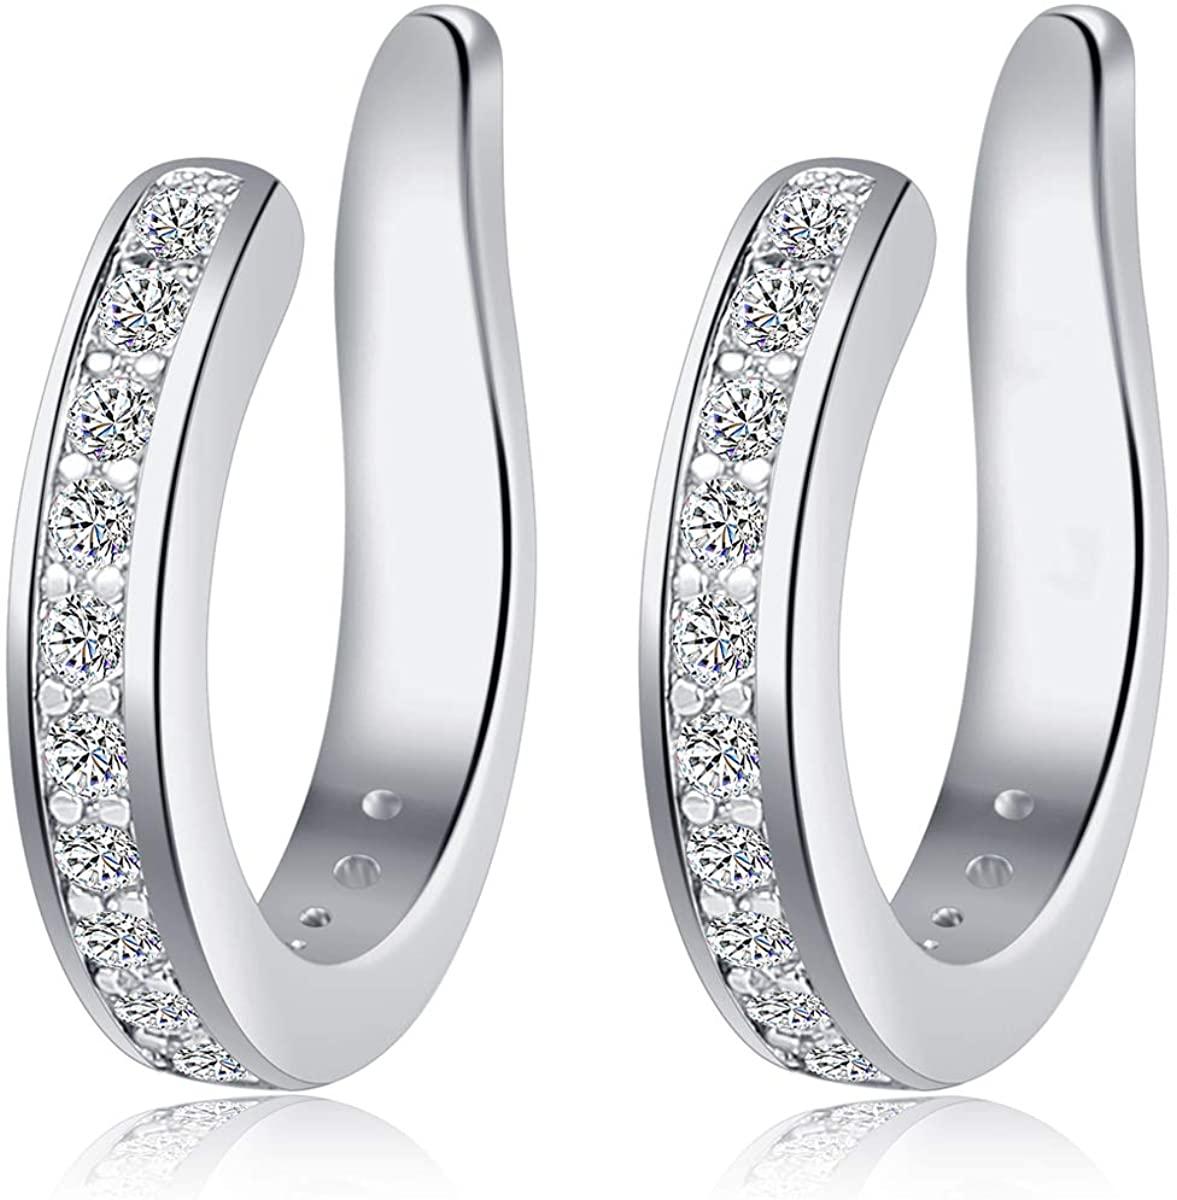 Fomissky Ear Cuffs for Non Pierced Ears Fake Earrings Piercing, Cubic Zirconia Ear Cuff Earrings for Women Cartlidge Helix White Gold Plated